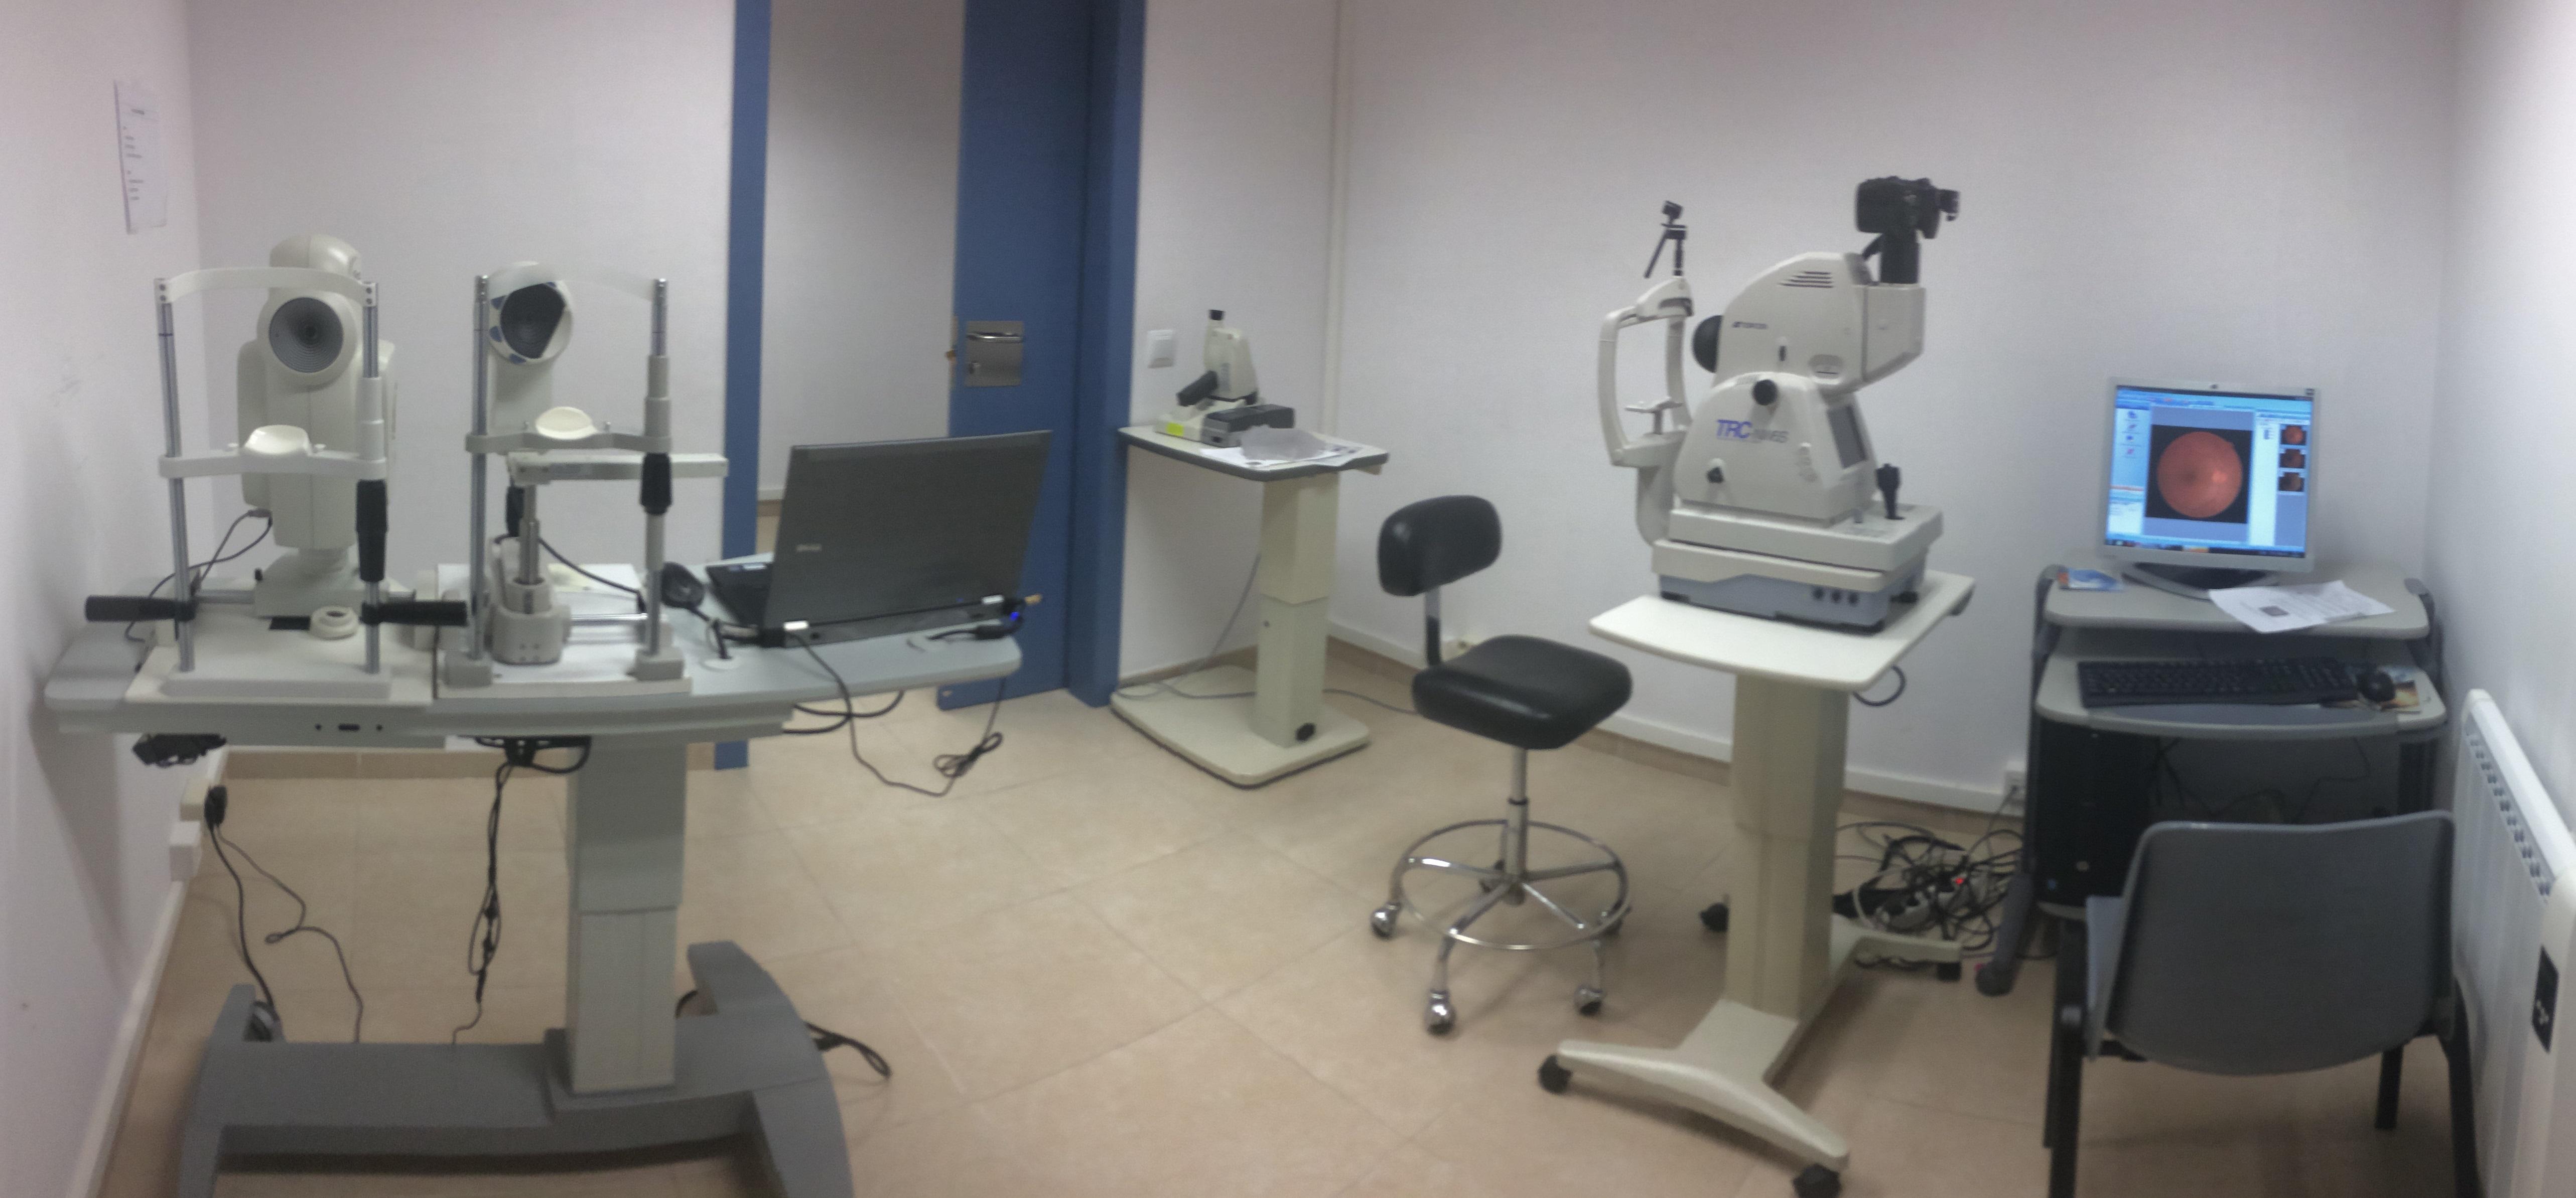 Sala de proves complementaries.jpg